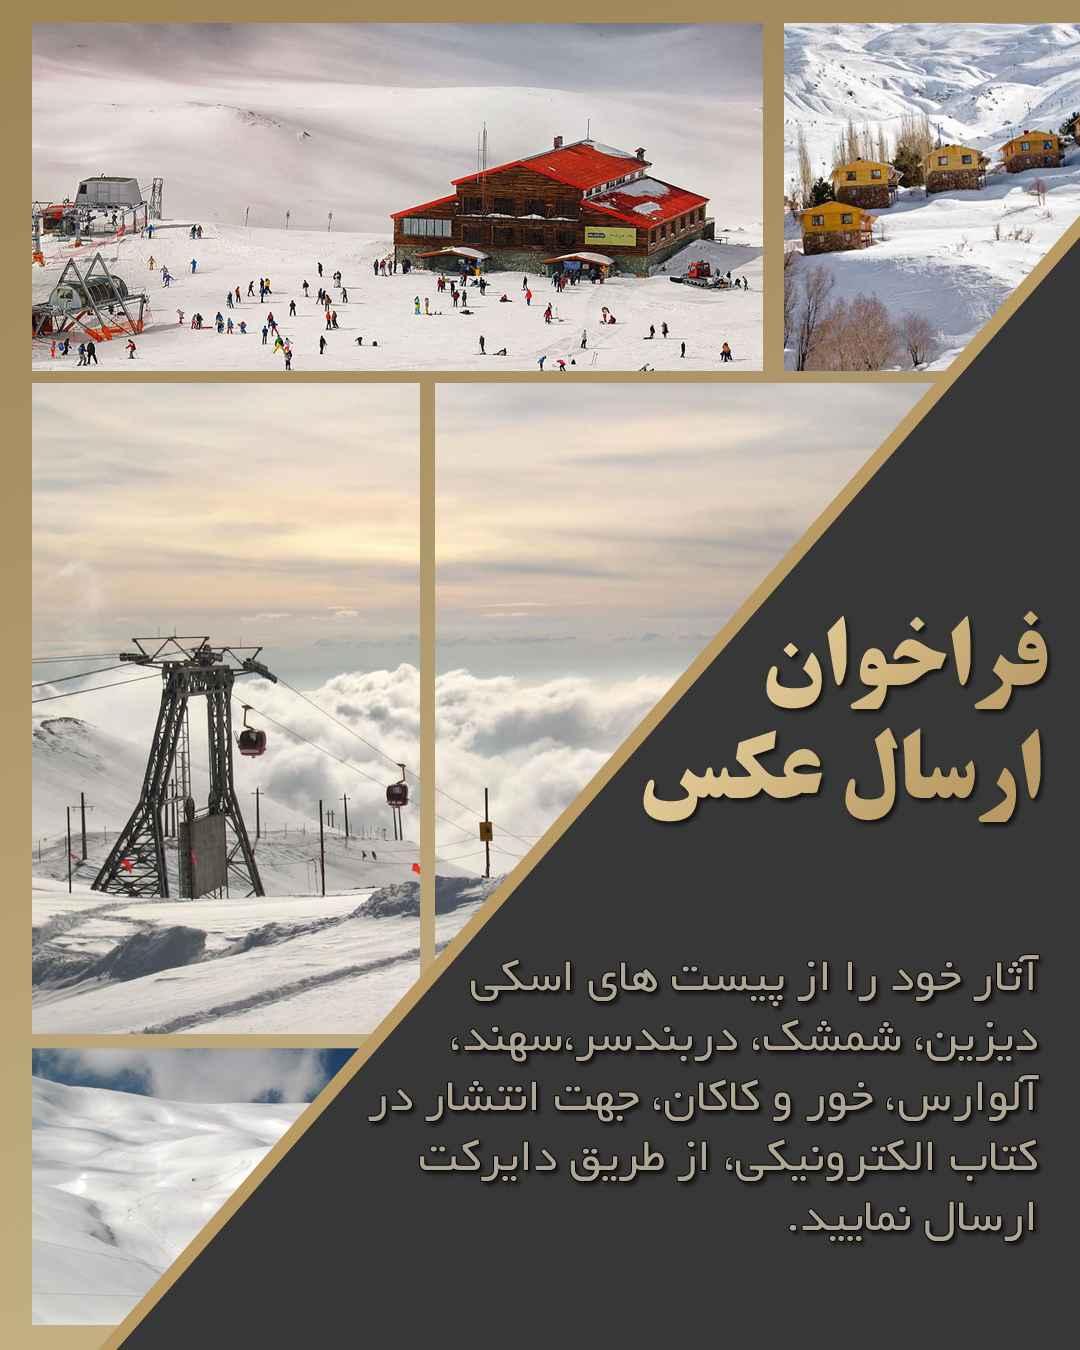 فراخوان ارسال عکس از پیست های اسکی ایران